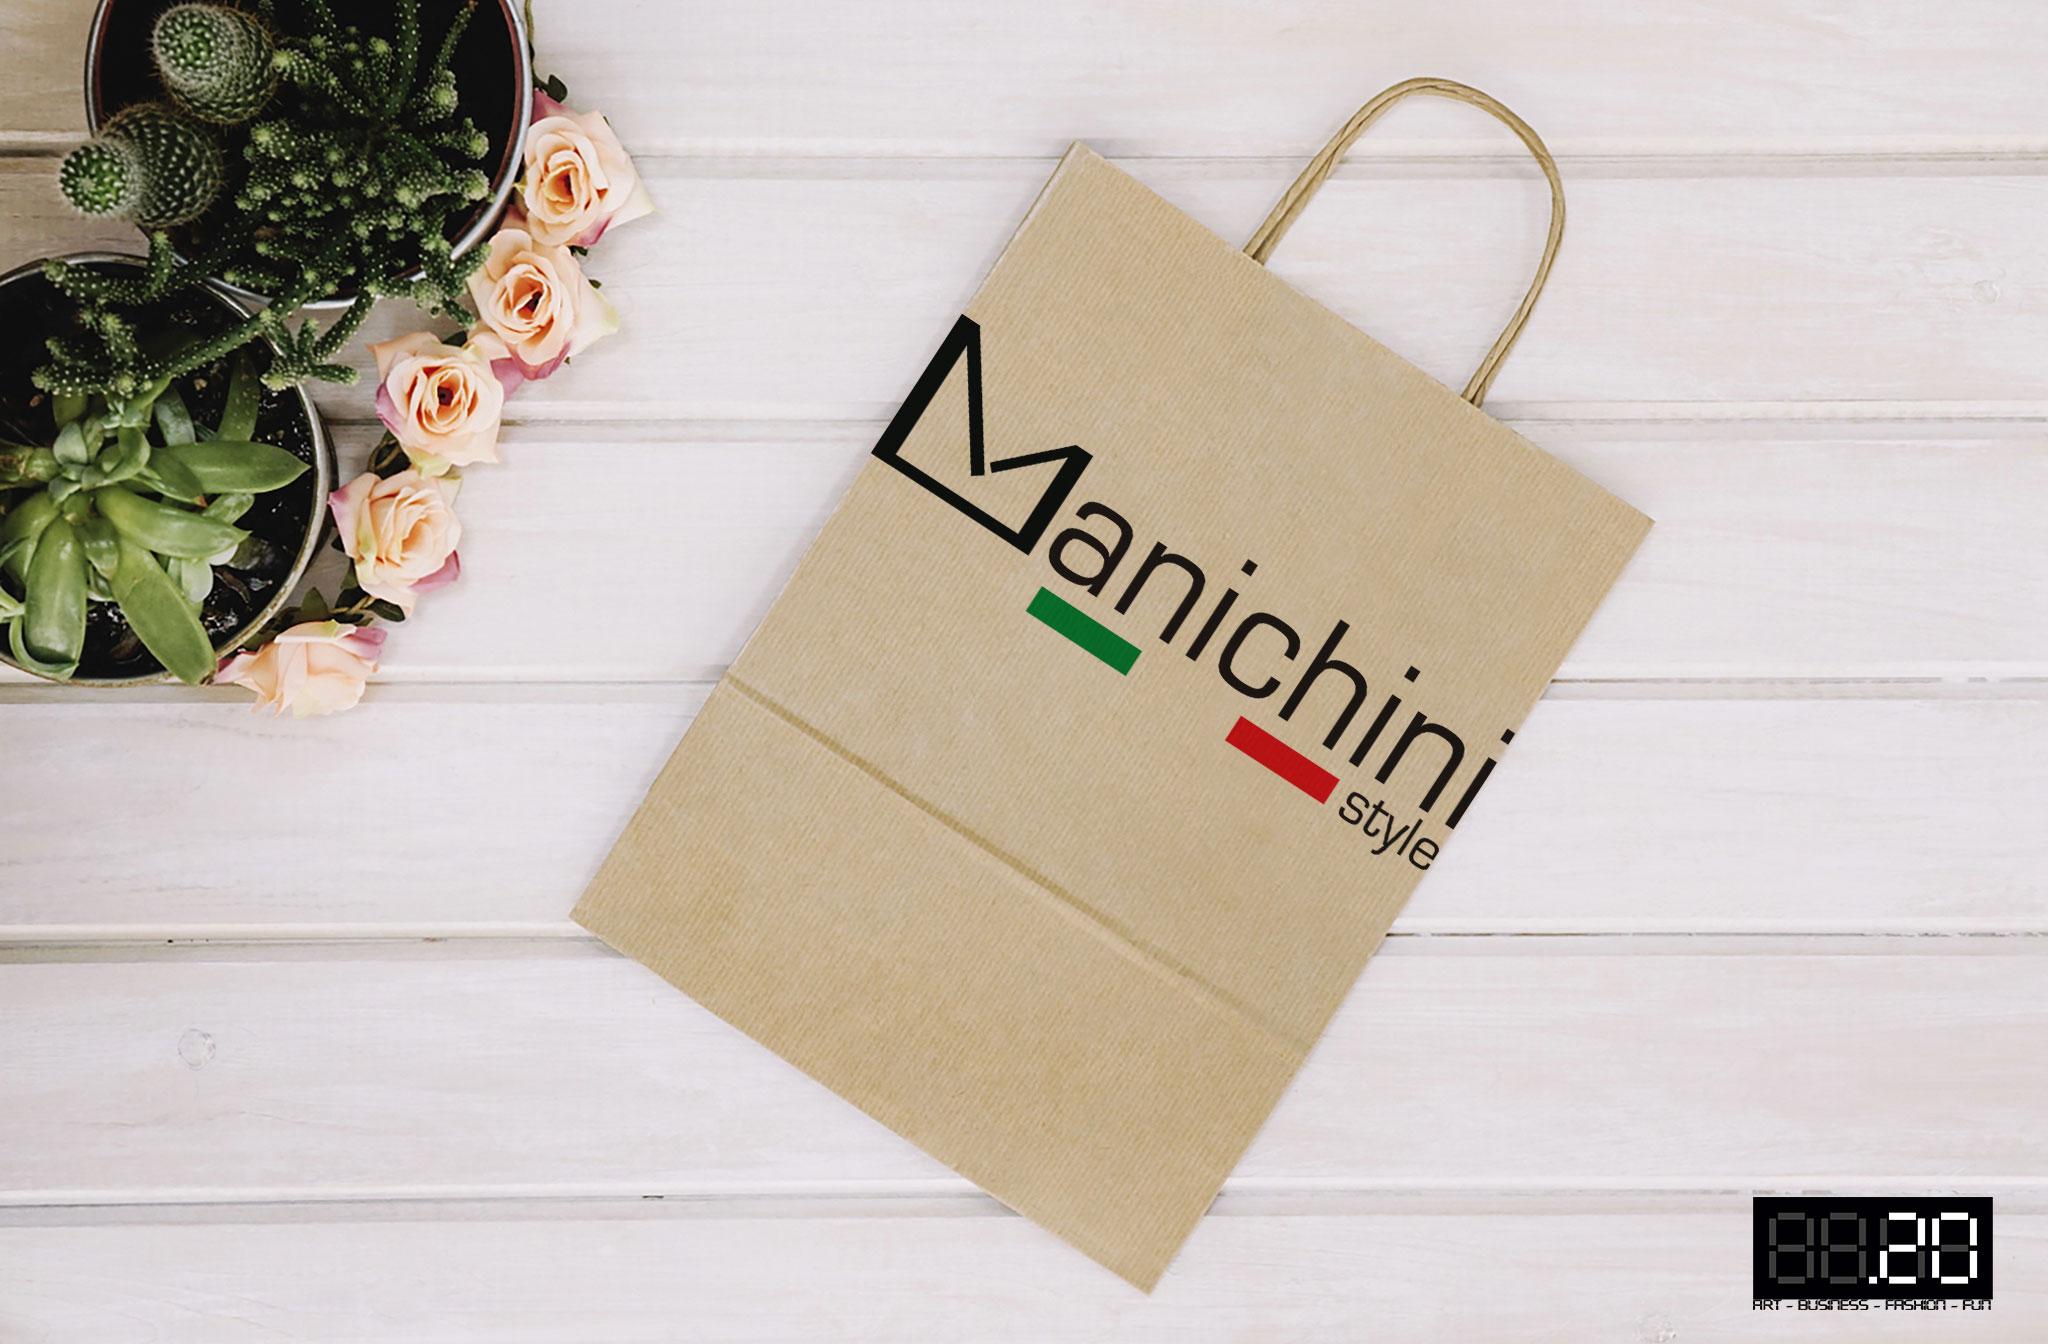 logo manichini style